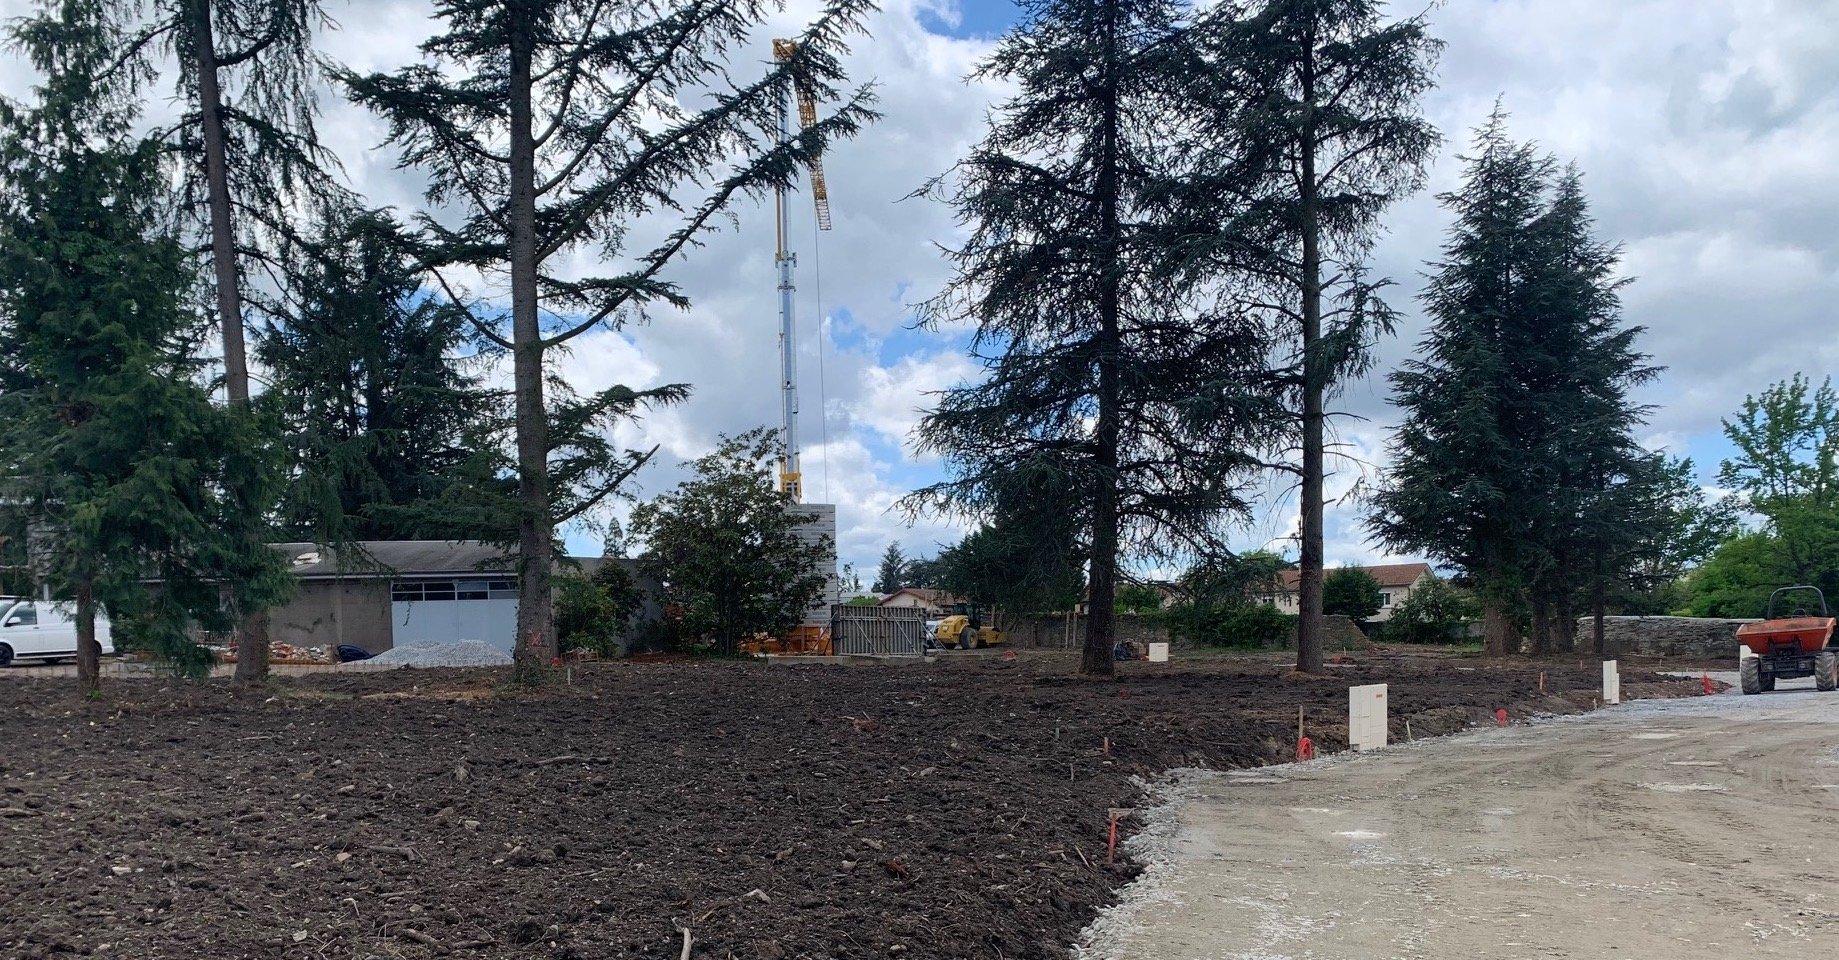 Terrains du constructeur PEGASUS PROMOTION • 549 m² • SAINT CHAMOND